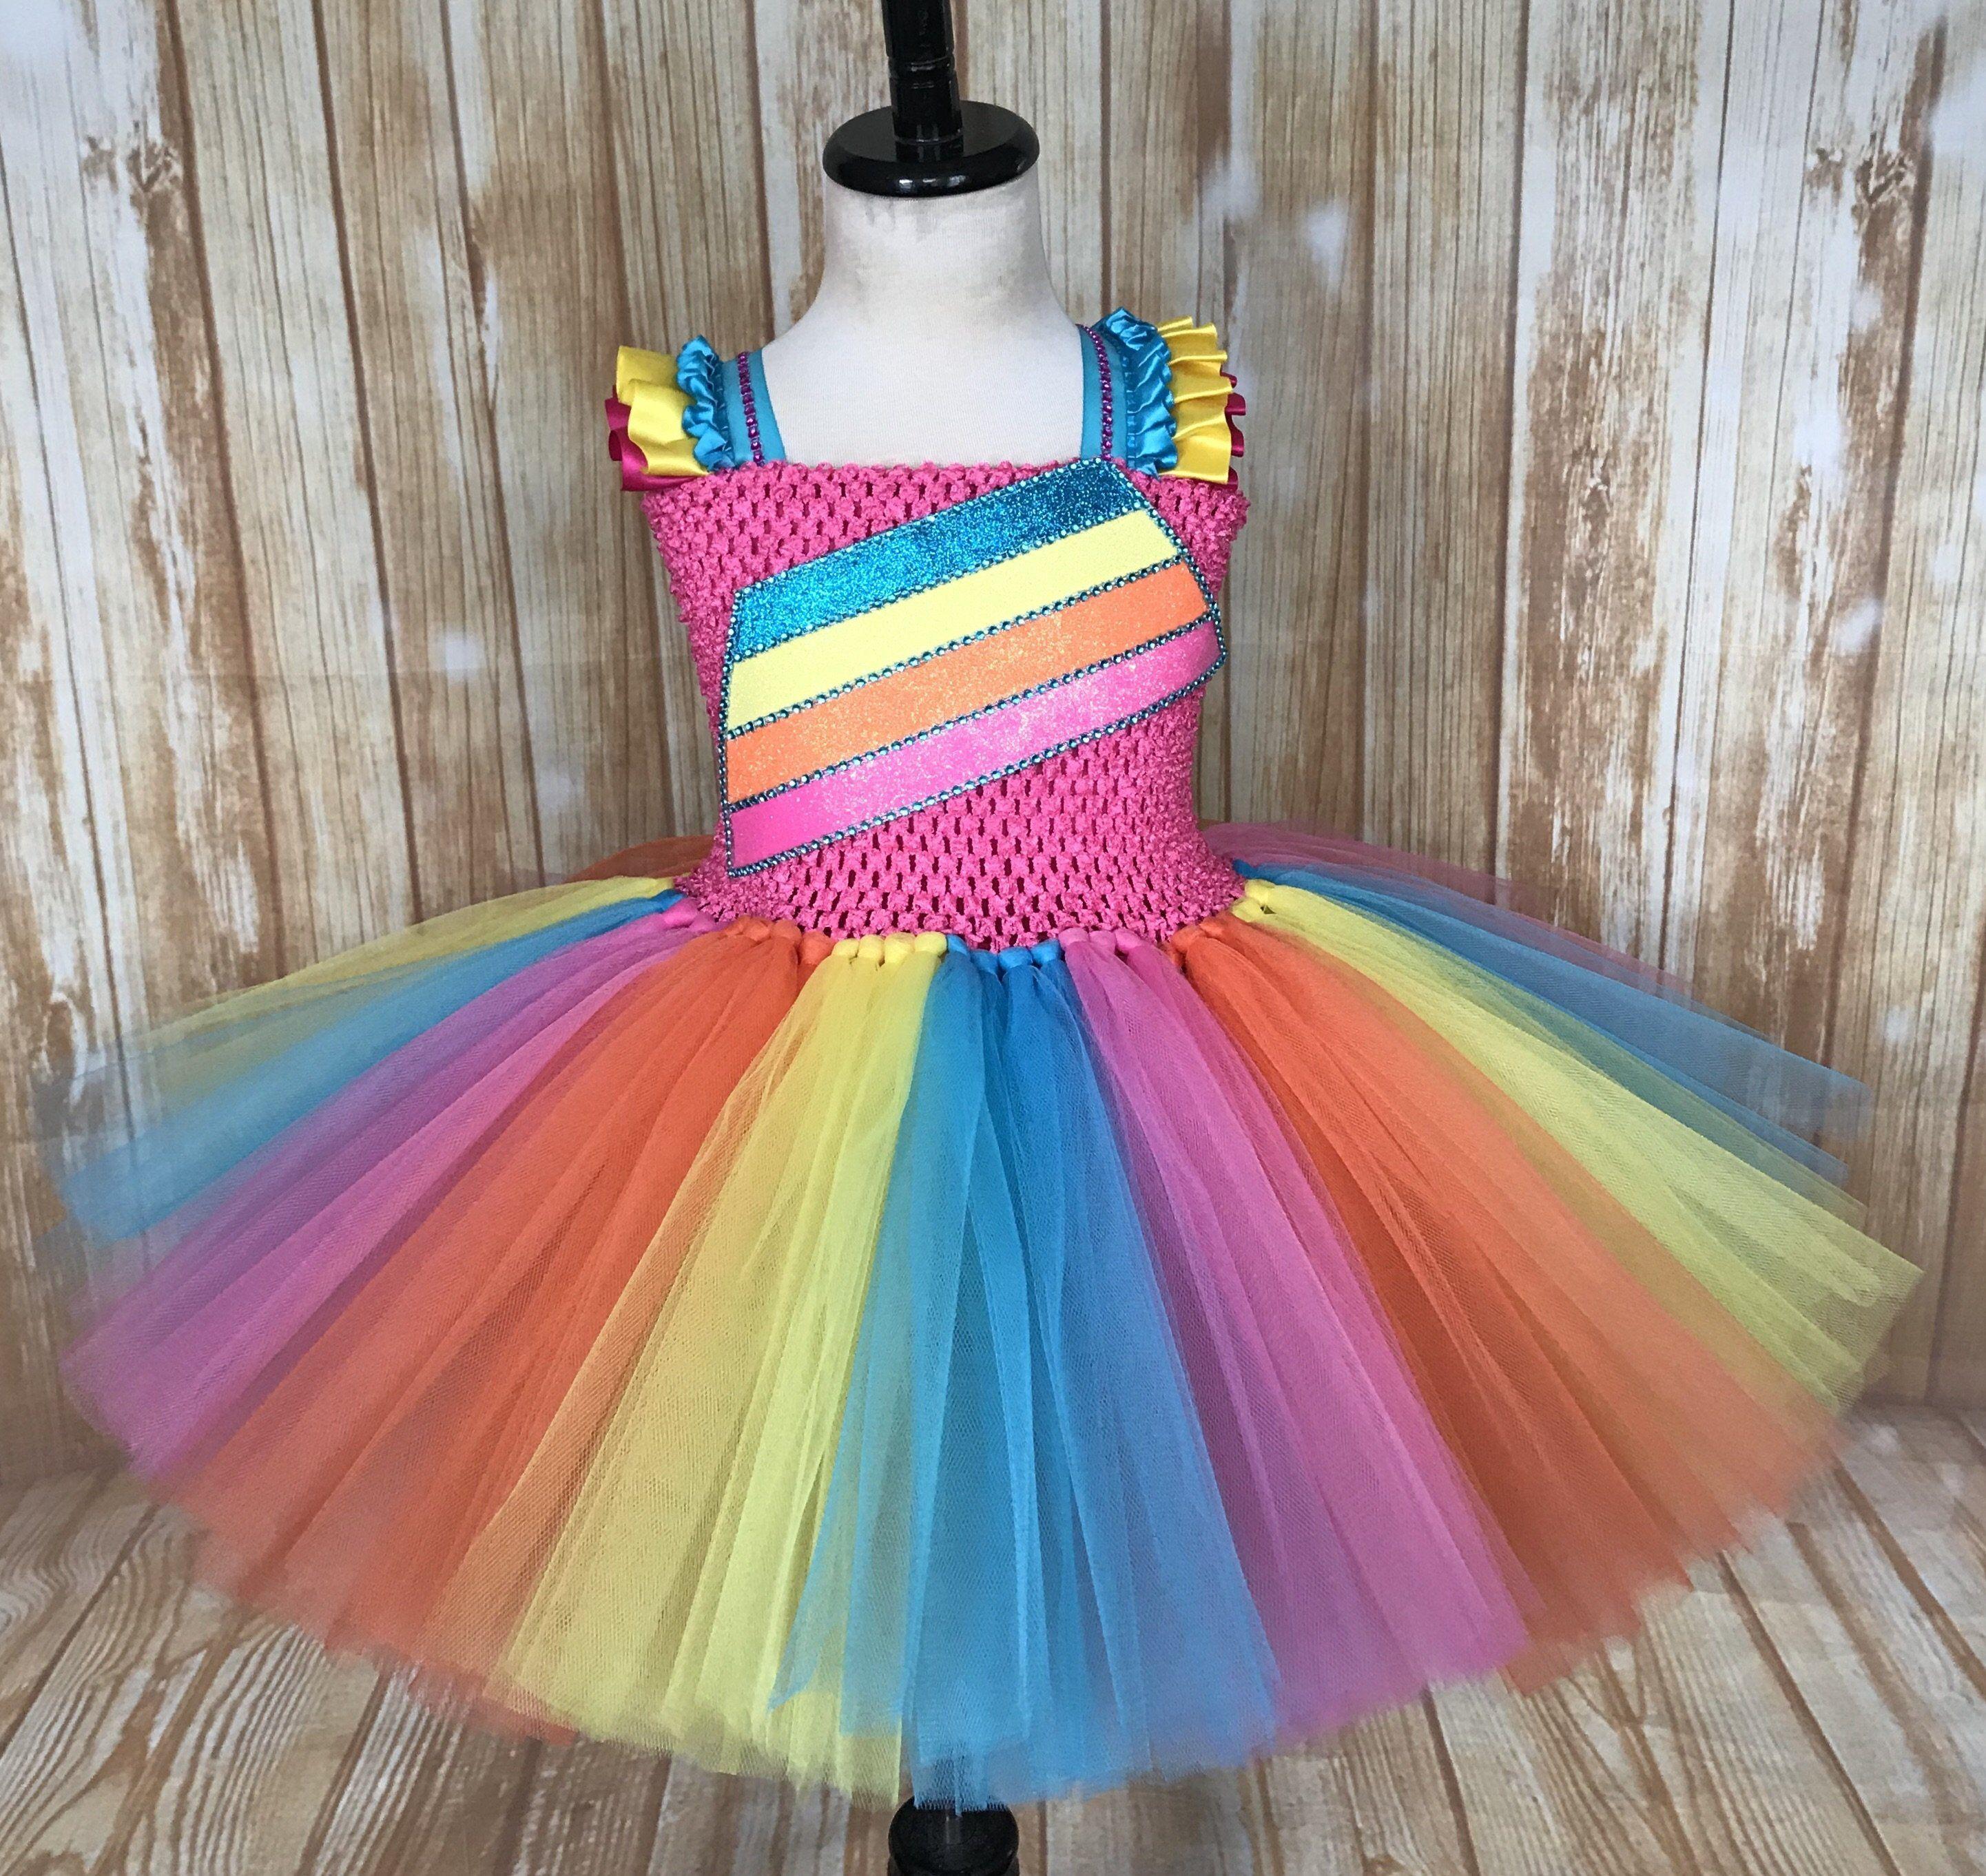 JoJo Siwa Tutu Dress Costume Bows Rainbow Sparkly Glitter Fancy Dress All Sizes